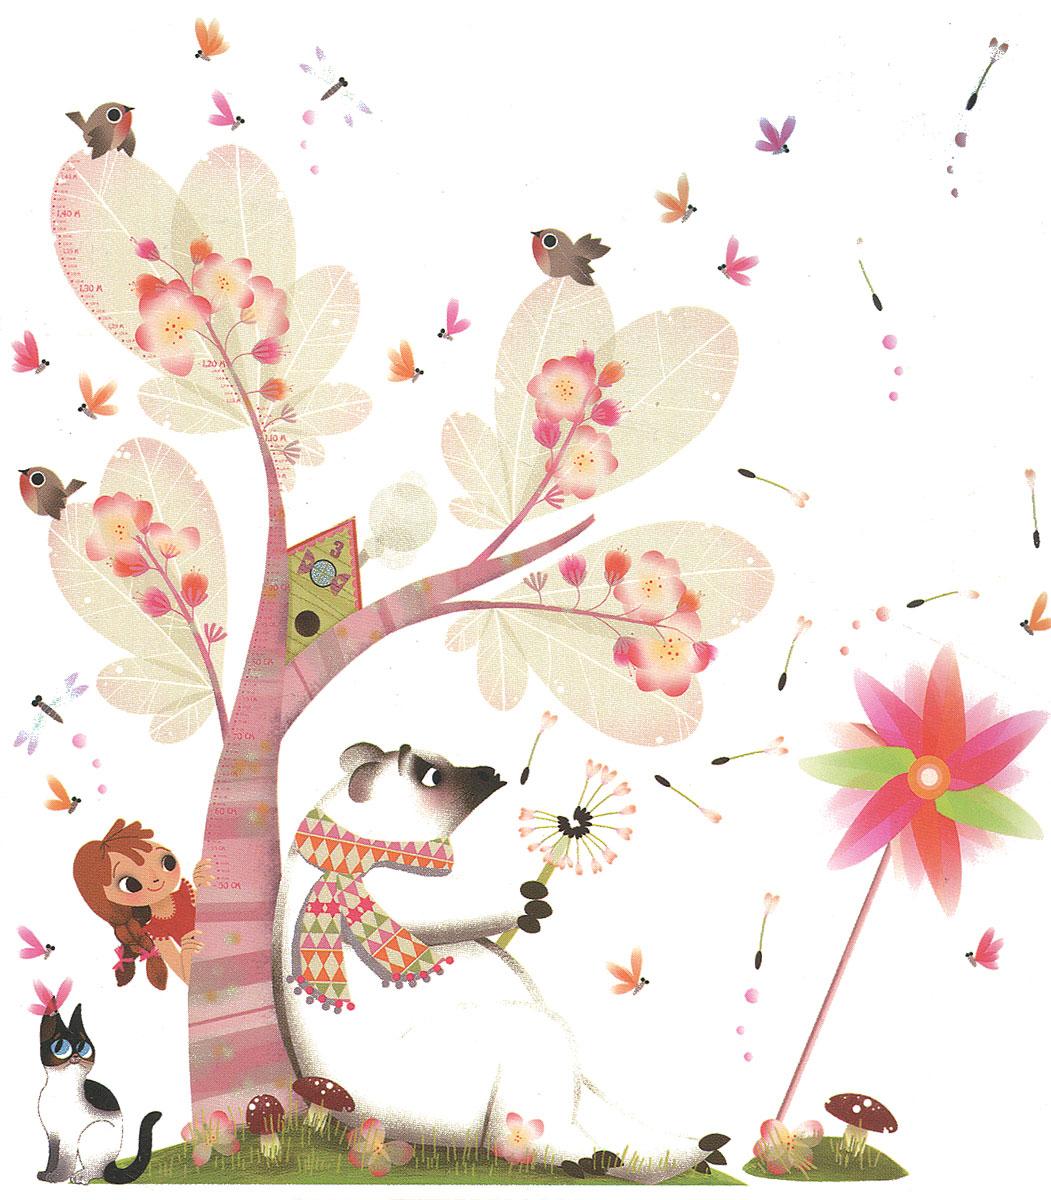 Janod Детский стикер-ростомер на стену Летний бризJ02814Детский ростомер Летний бриз станет полезным и привлекательным украшением детской комнаты для вашего ребенка. Основой композиции является большое волшебное дерево, под которым сидит белый мишка. Судя по его позе, он погружен в какие-то сладкие грезы. Он дует на пушистый одуванчик и мечтательно наблюдает, как улетают белые невесомые парашютики. Девочка, которая выглядывает из-за дерева, с интересом подсматривает за медведем. На основную картину можно нанести дополнительные маленькие стикеры: птички, стрекозы, мотыльки, кошка, грибок на пригорке, парашютики одуванчика. Их можно приклеить на любое место на основном фоне. Ростомер стикер на стену Летний бриз превосходно украсит комнату и станет замечательным подарком для любой девочки от 3 лет. Он обязательно заинтересует маленькую мечтательницу и будет интересен ребенку долгое время. Красивая и оригинальная упаковка с ручкой для переноски, станет завершающим, но не маловажным, штрихом. Еще яркими наклейками можно...